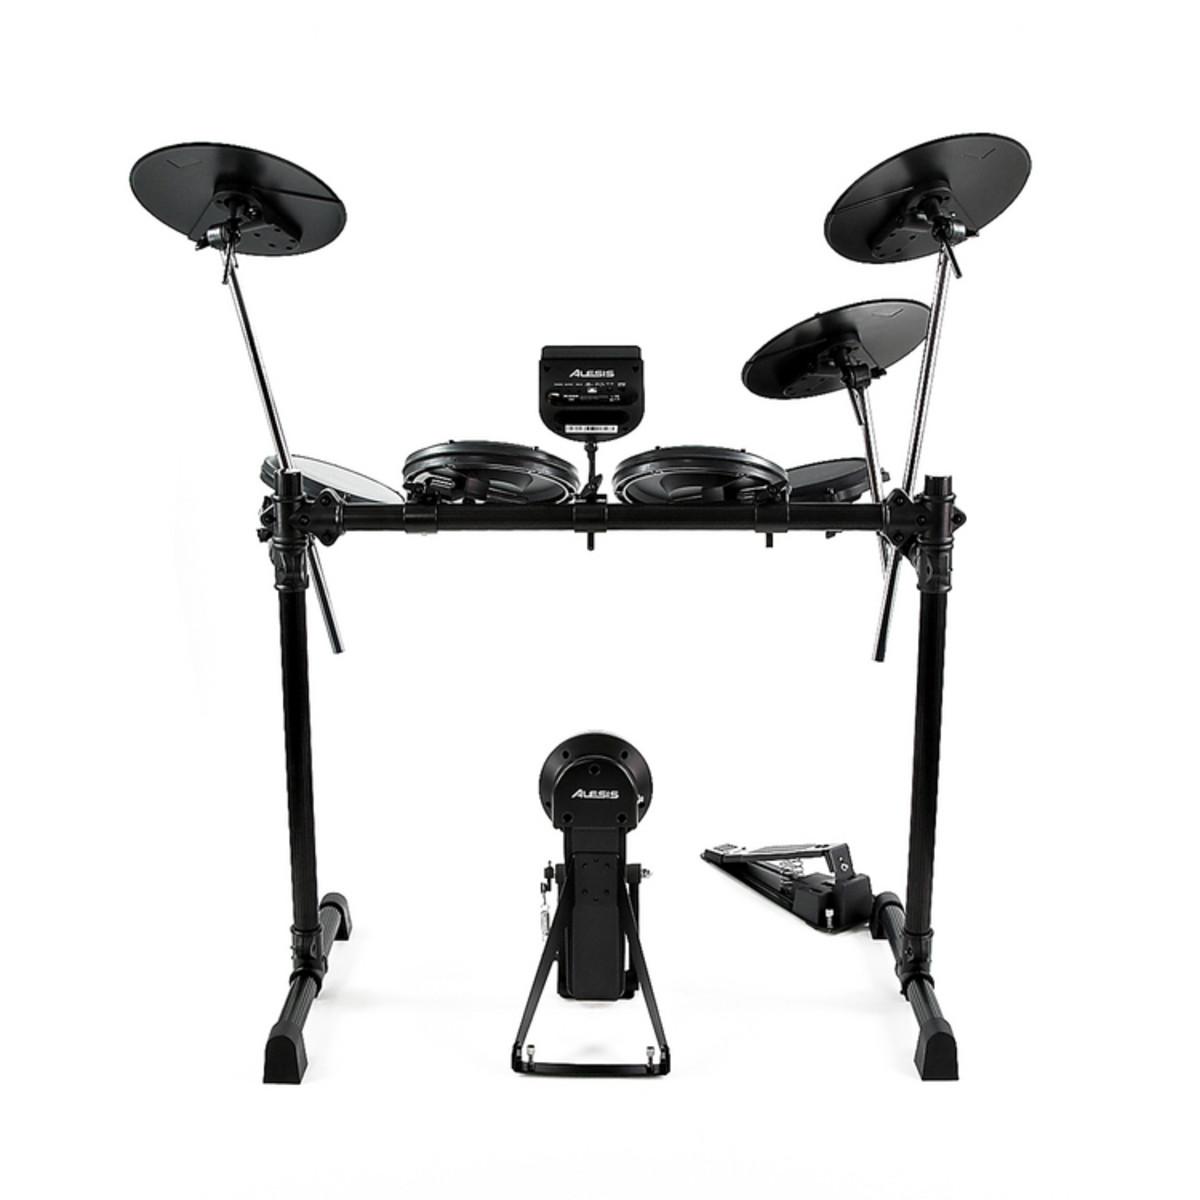 disc alesis dm6 usb electronic drum kit amp package deal at. Black Bedroom Furniture Sets. Home Design Ideas